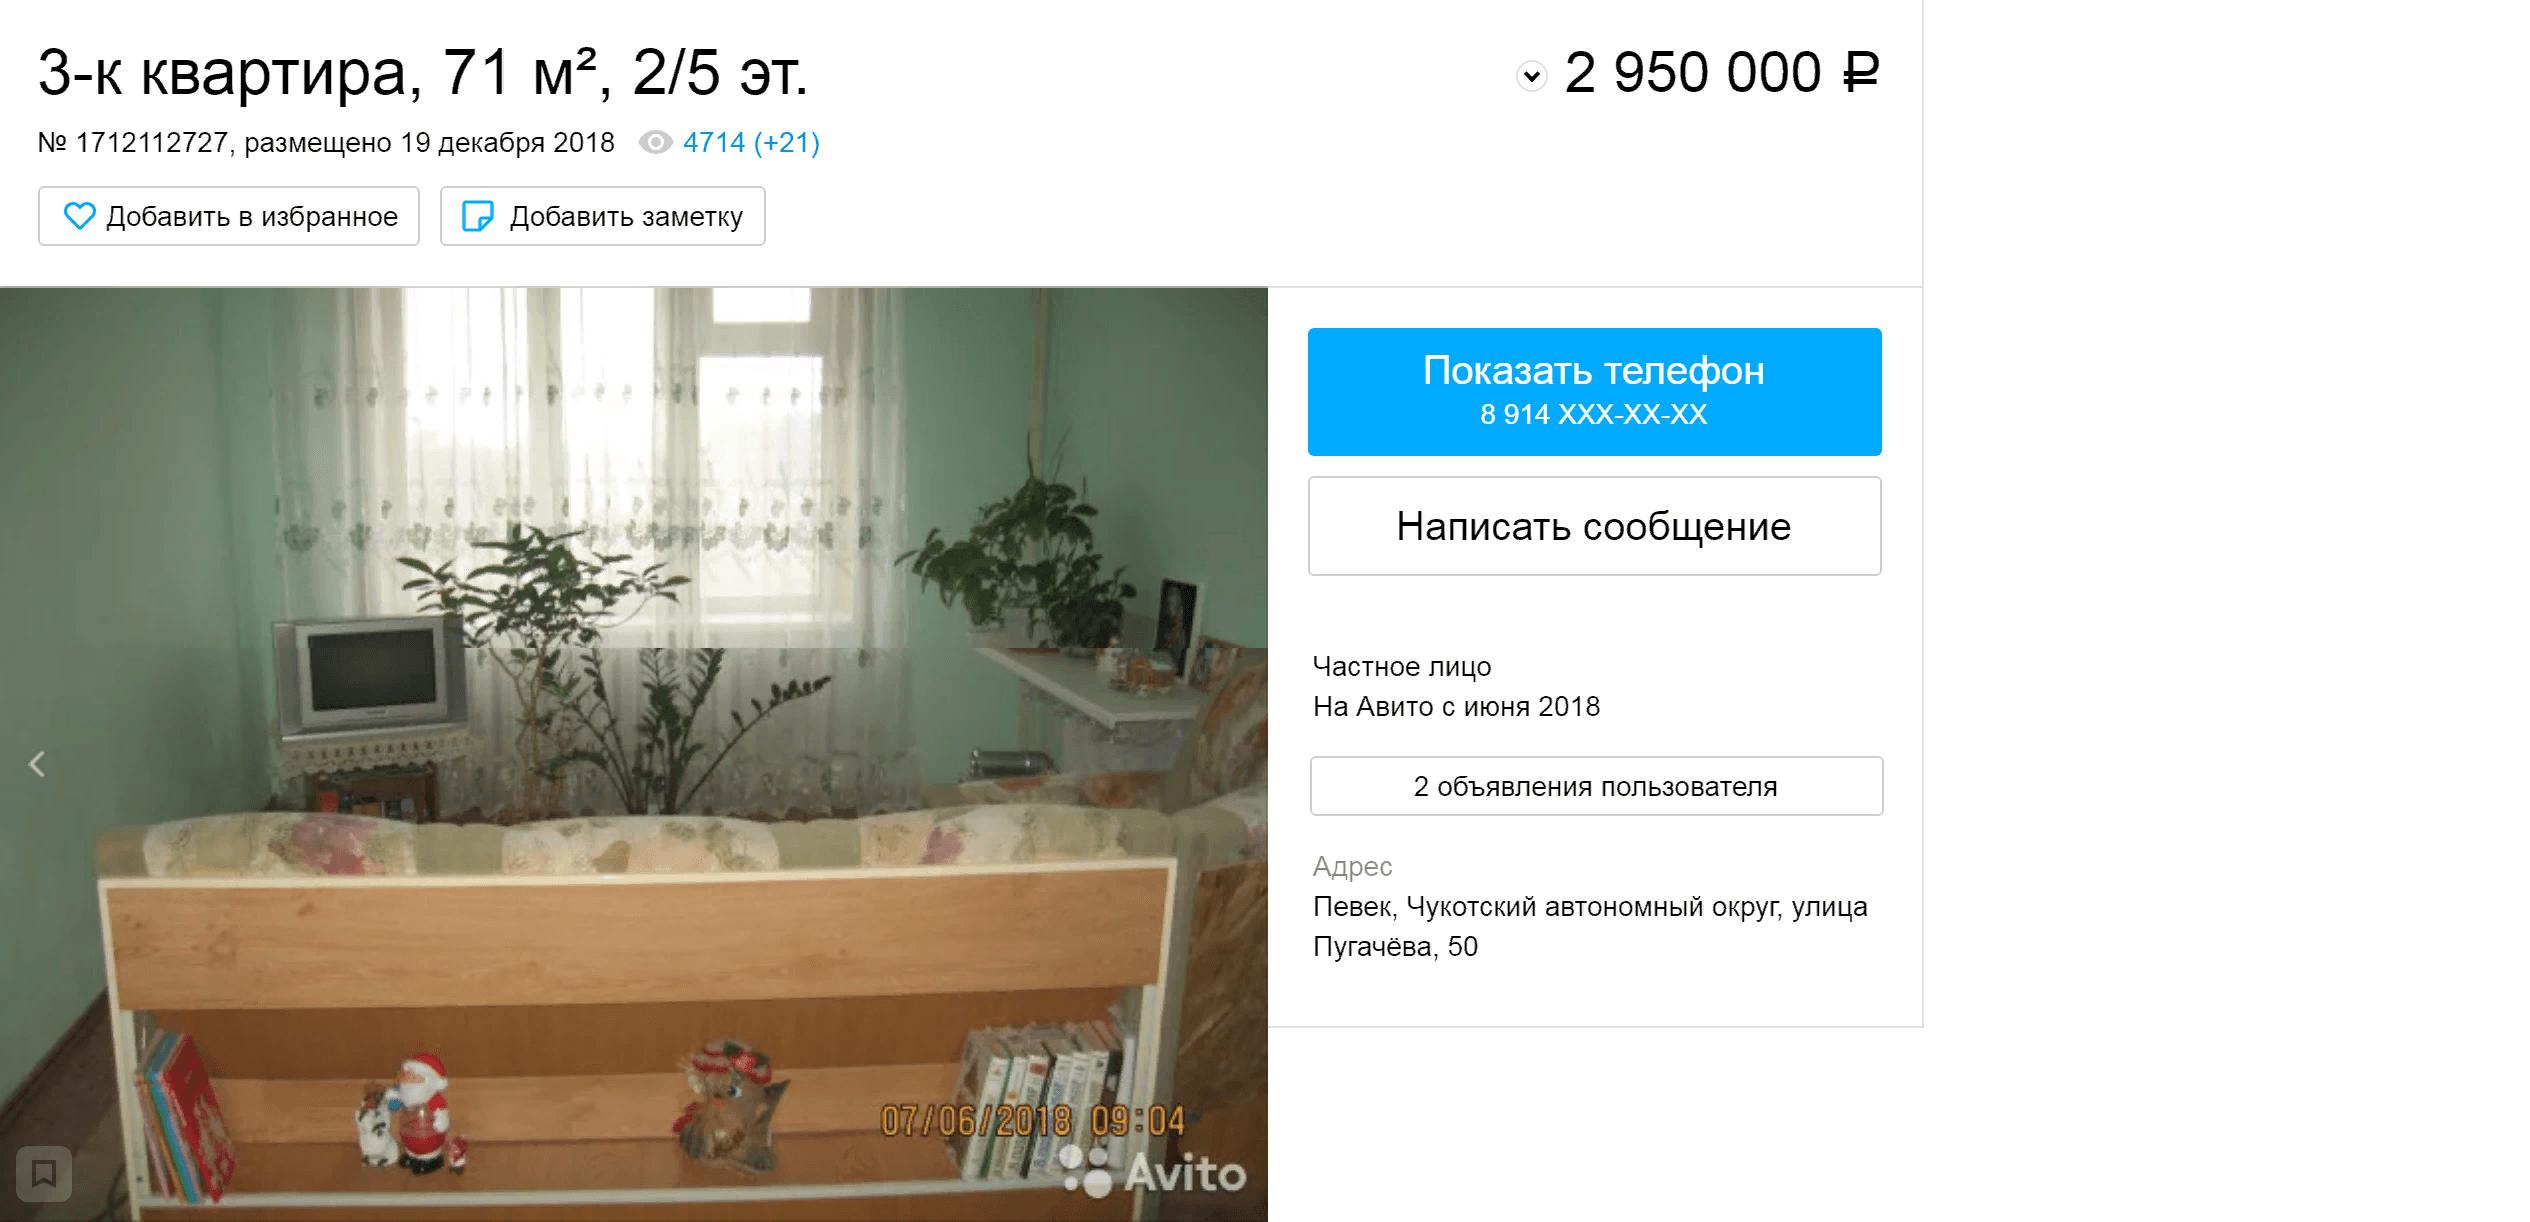 Трешка за 3 млн рублей. Объявление появилось в декабре 2018 года